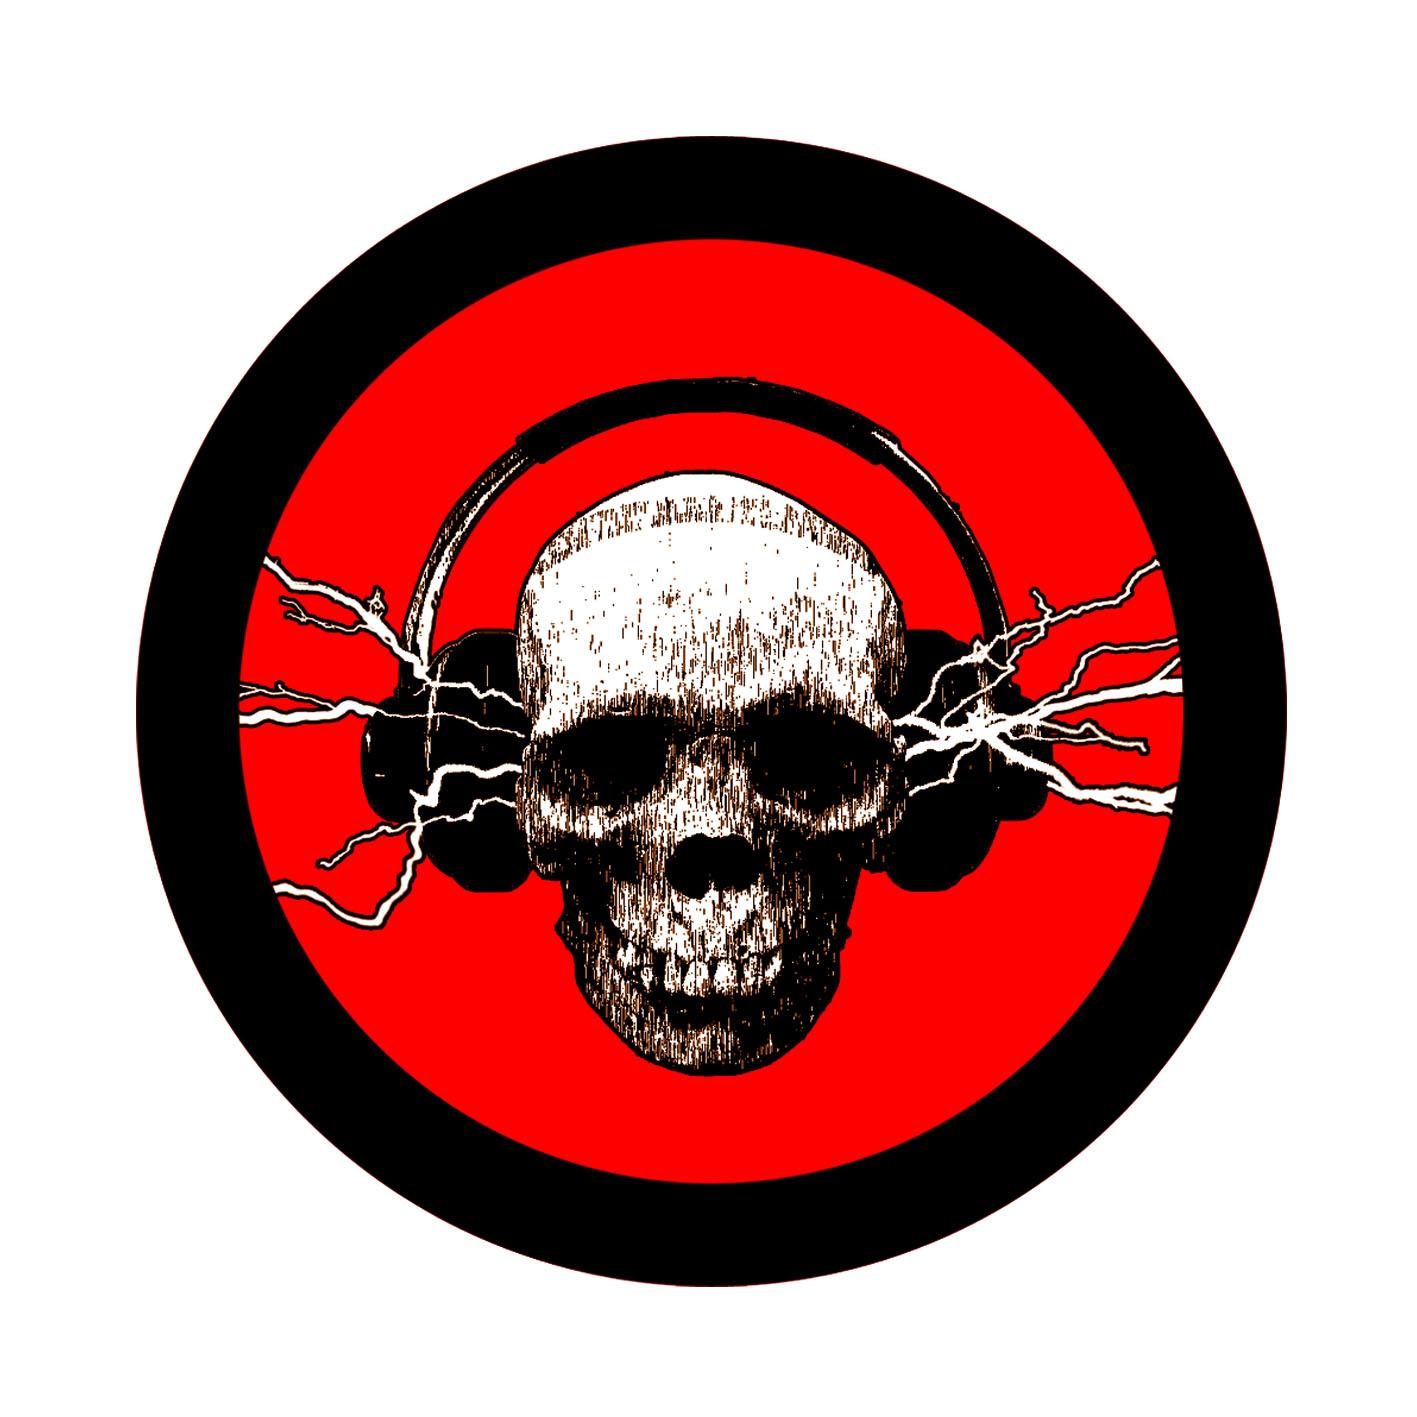 Halalfej_Logo_Merge.jpg